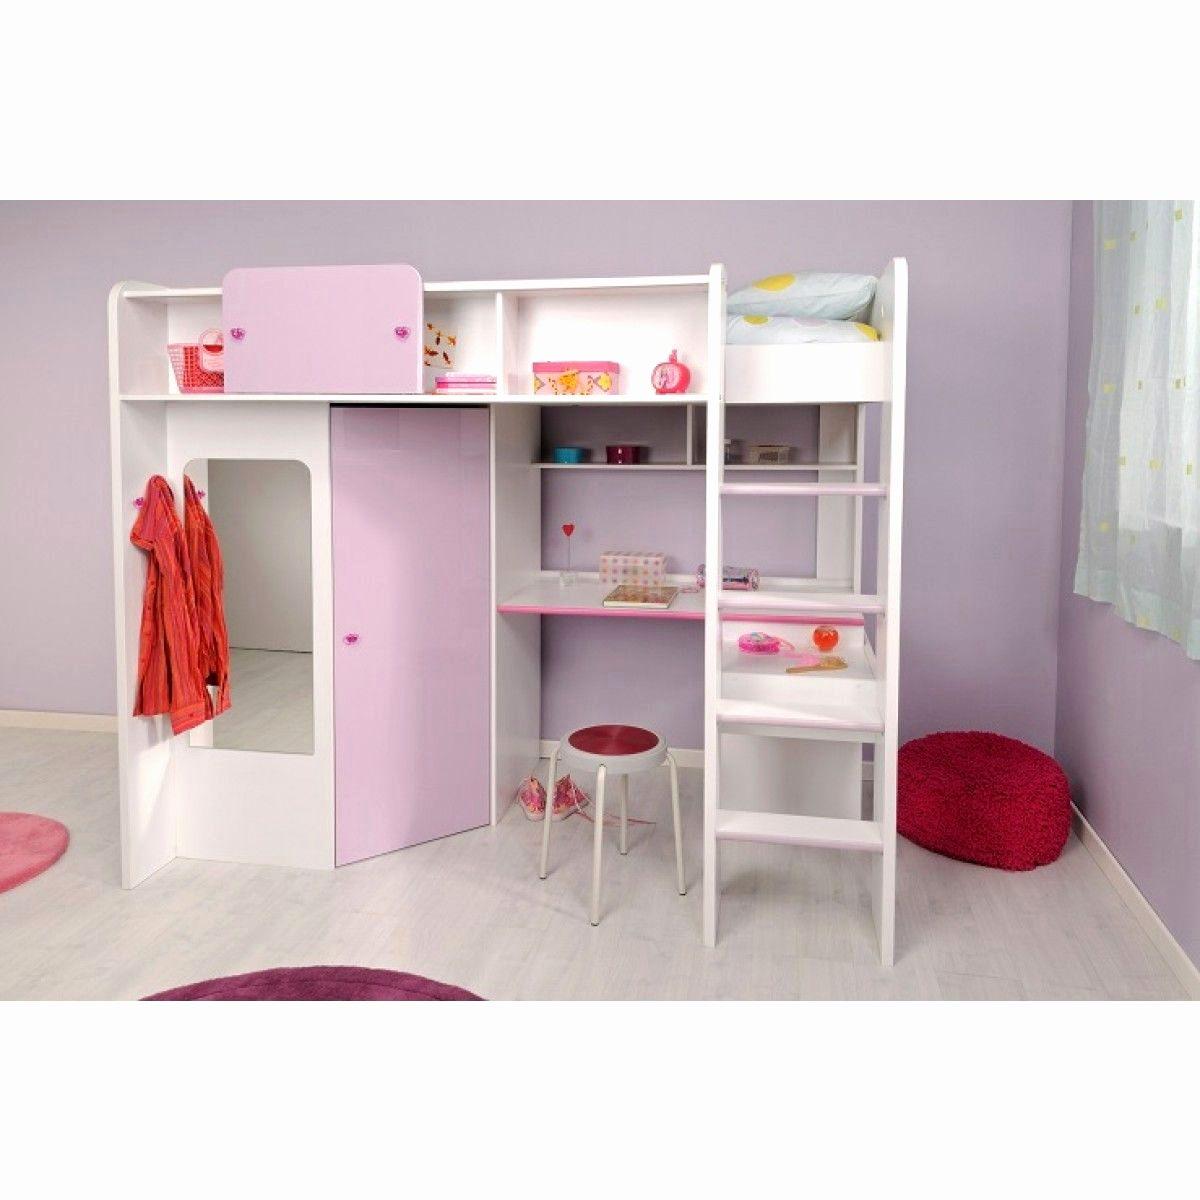 Lit Mezzanine Et Bureau Élégant Lit Mezzanine Avec Rangement Luxe Lit Mezzanine Bureau Fille Fresh